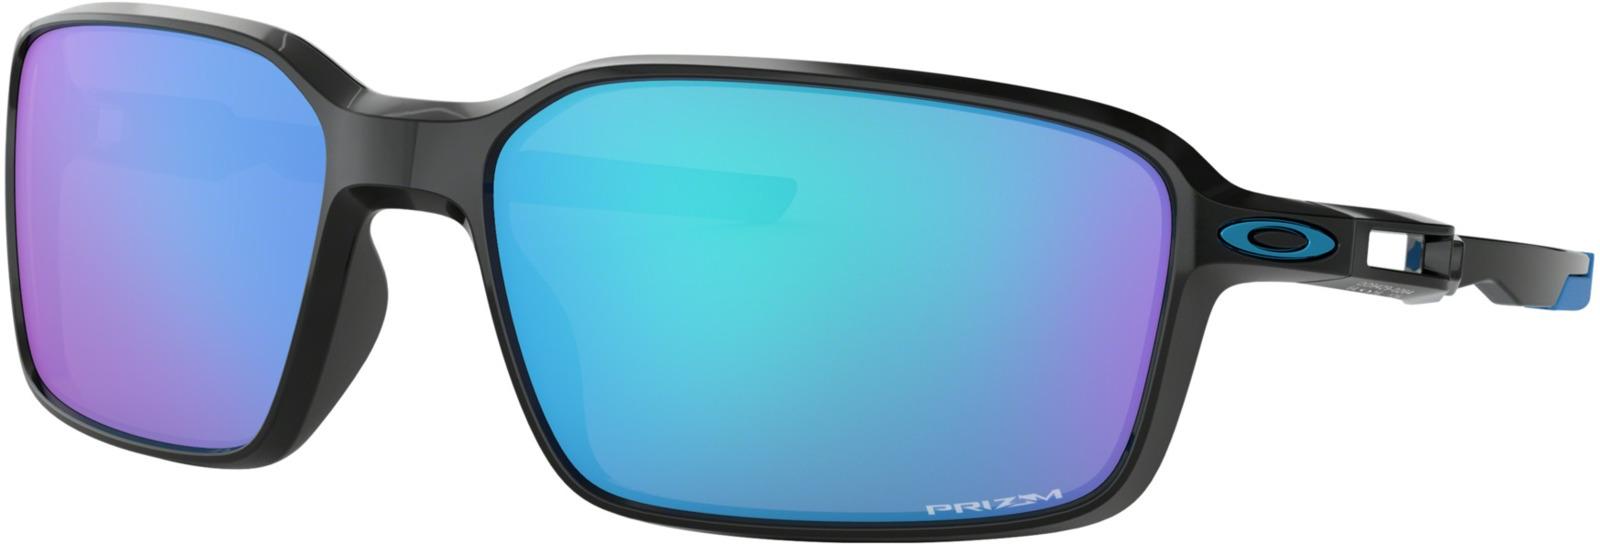 Велосипедные очки Oakley Siphon, цвет: черный, голубой